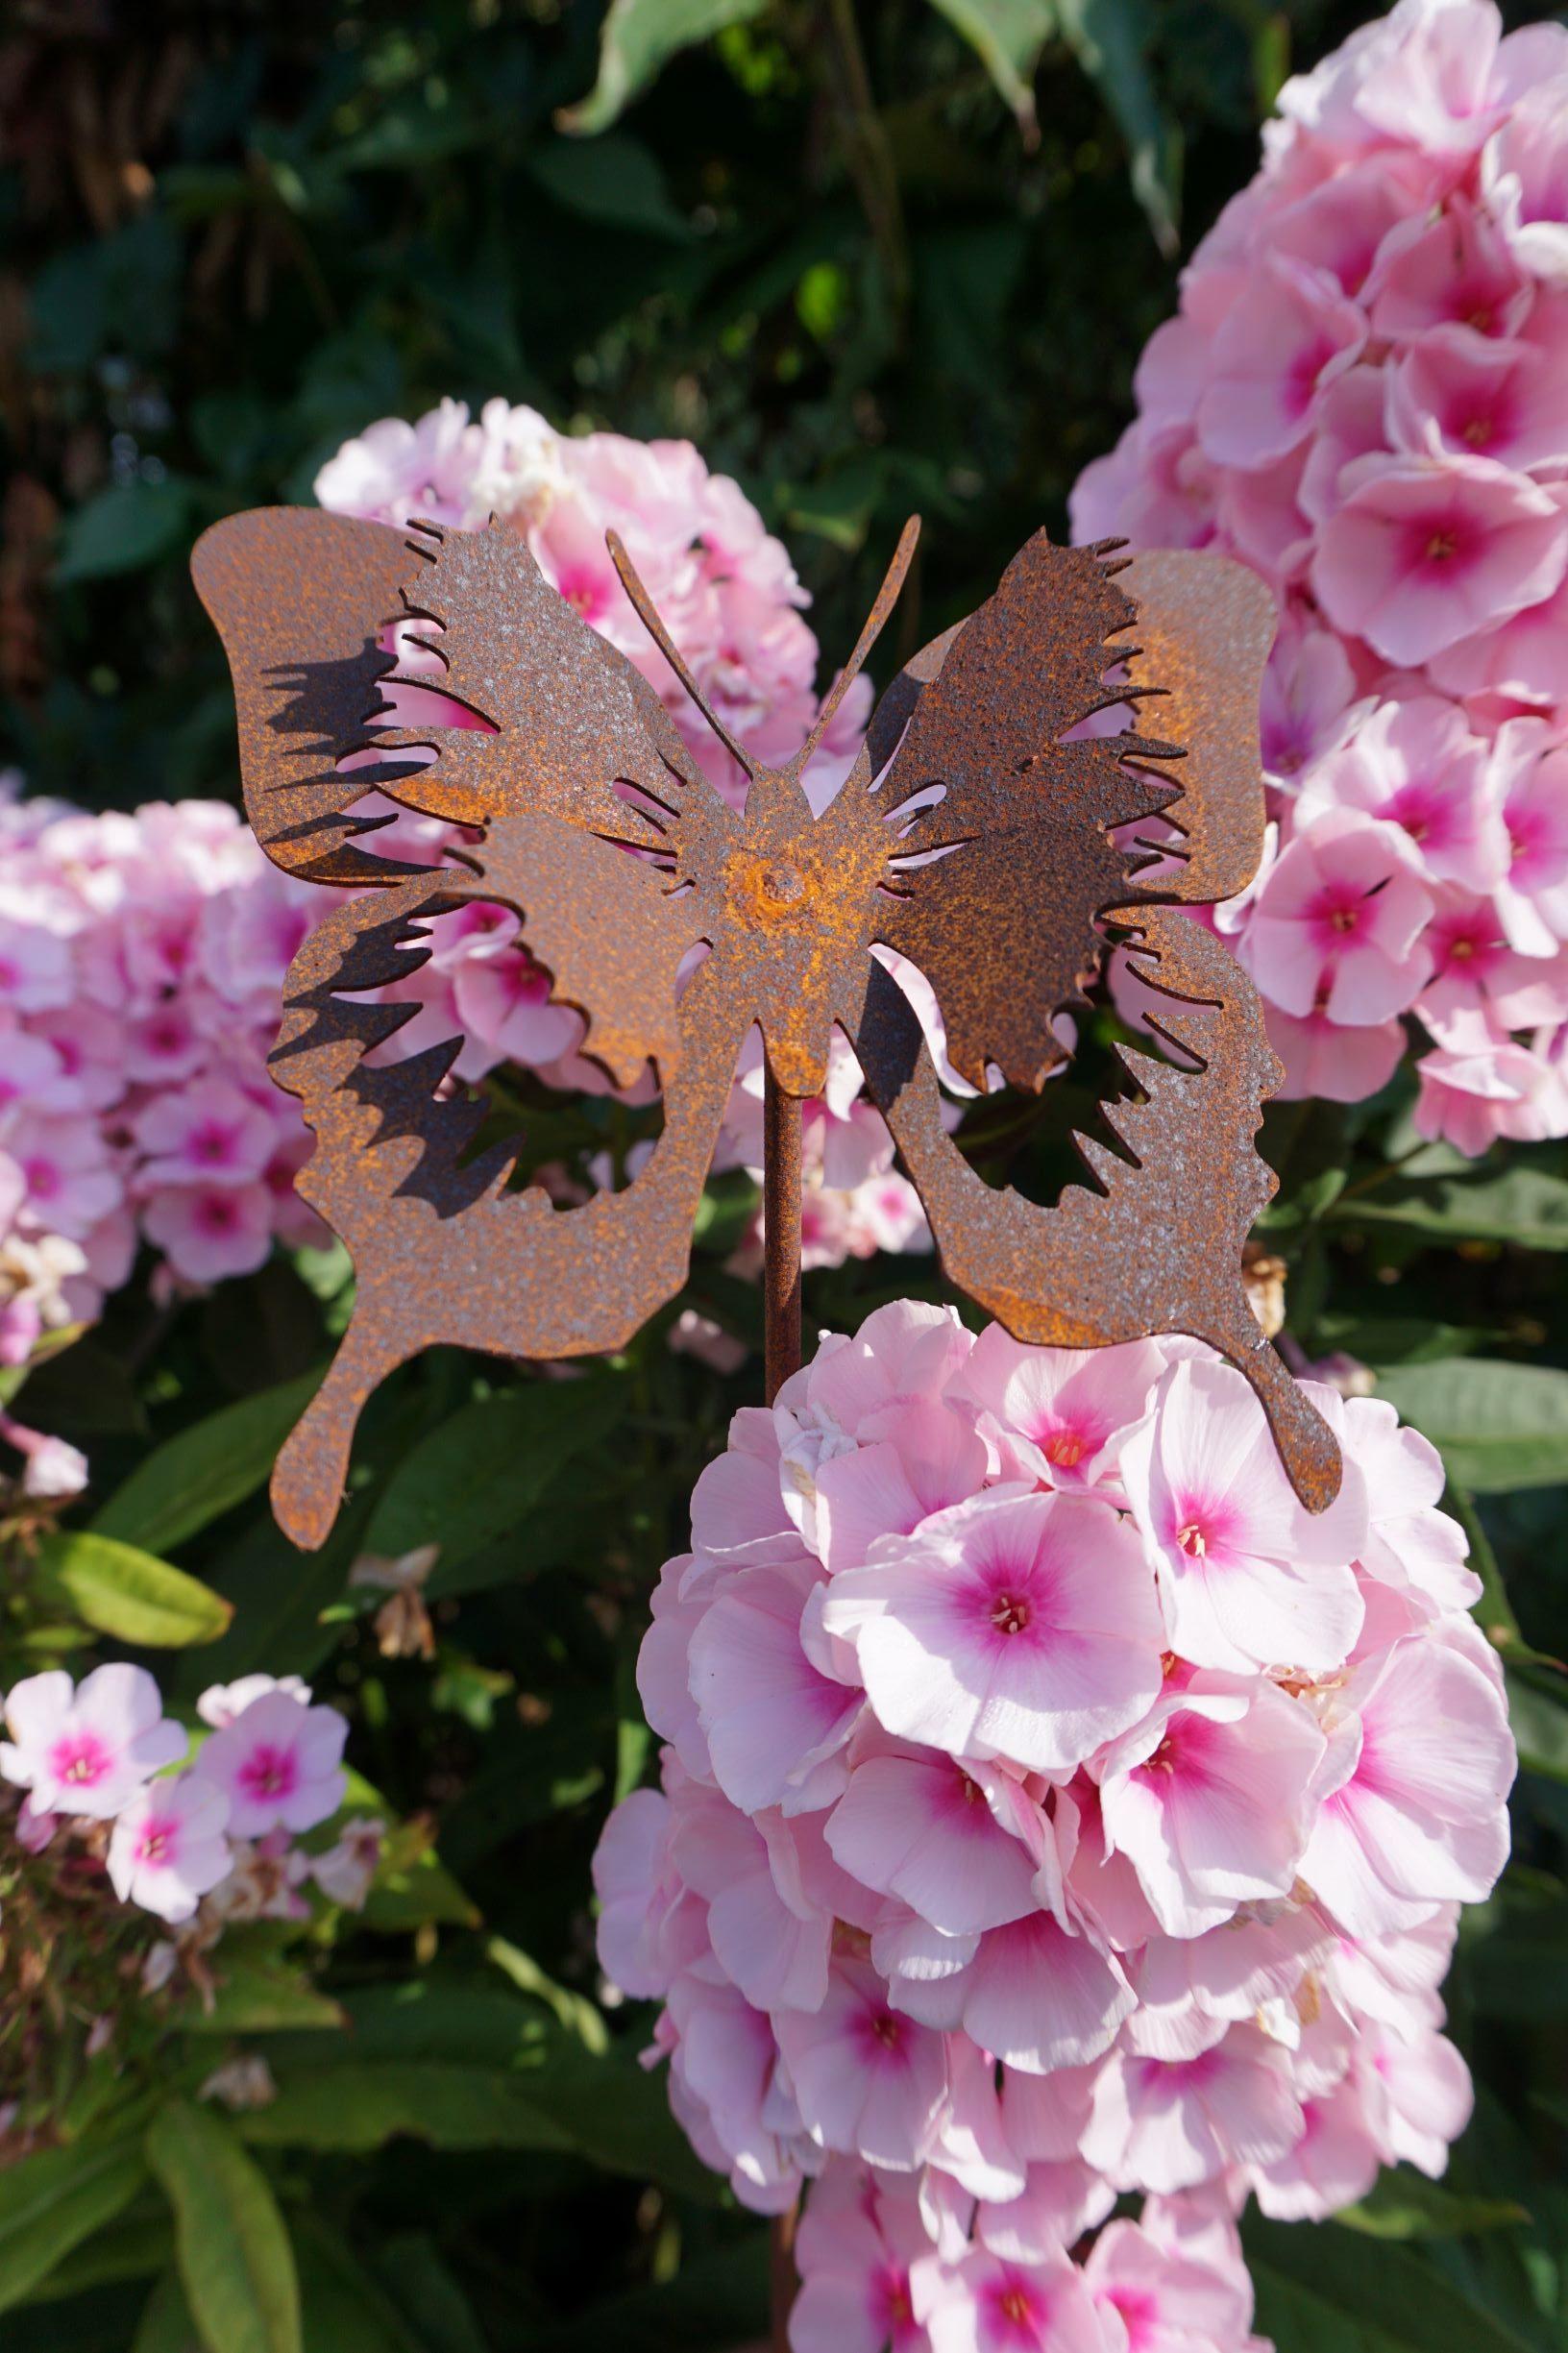 Vintage One Der Edelrost Deko Shop Edelrost Schmetterling Stecker Gartendeko Rost